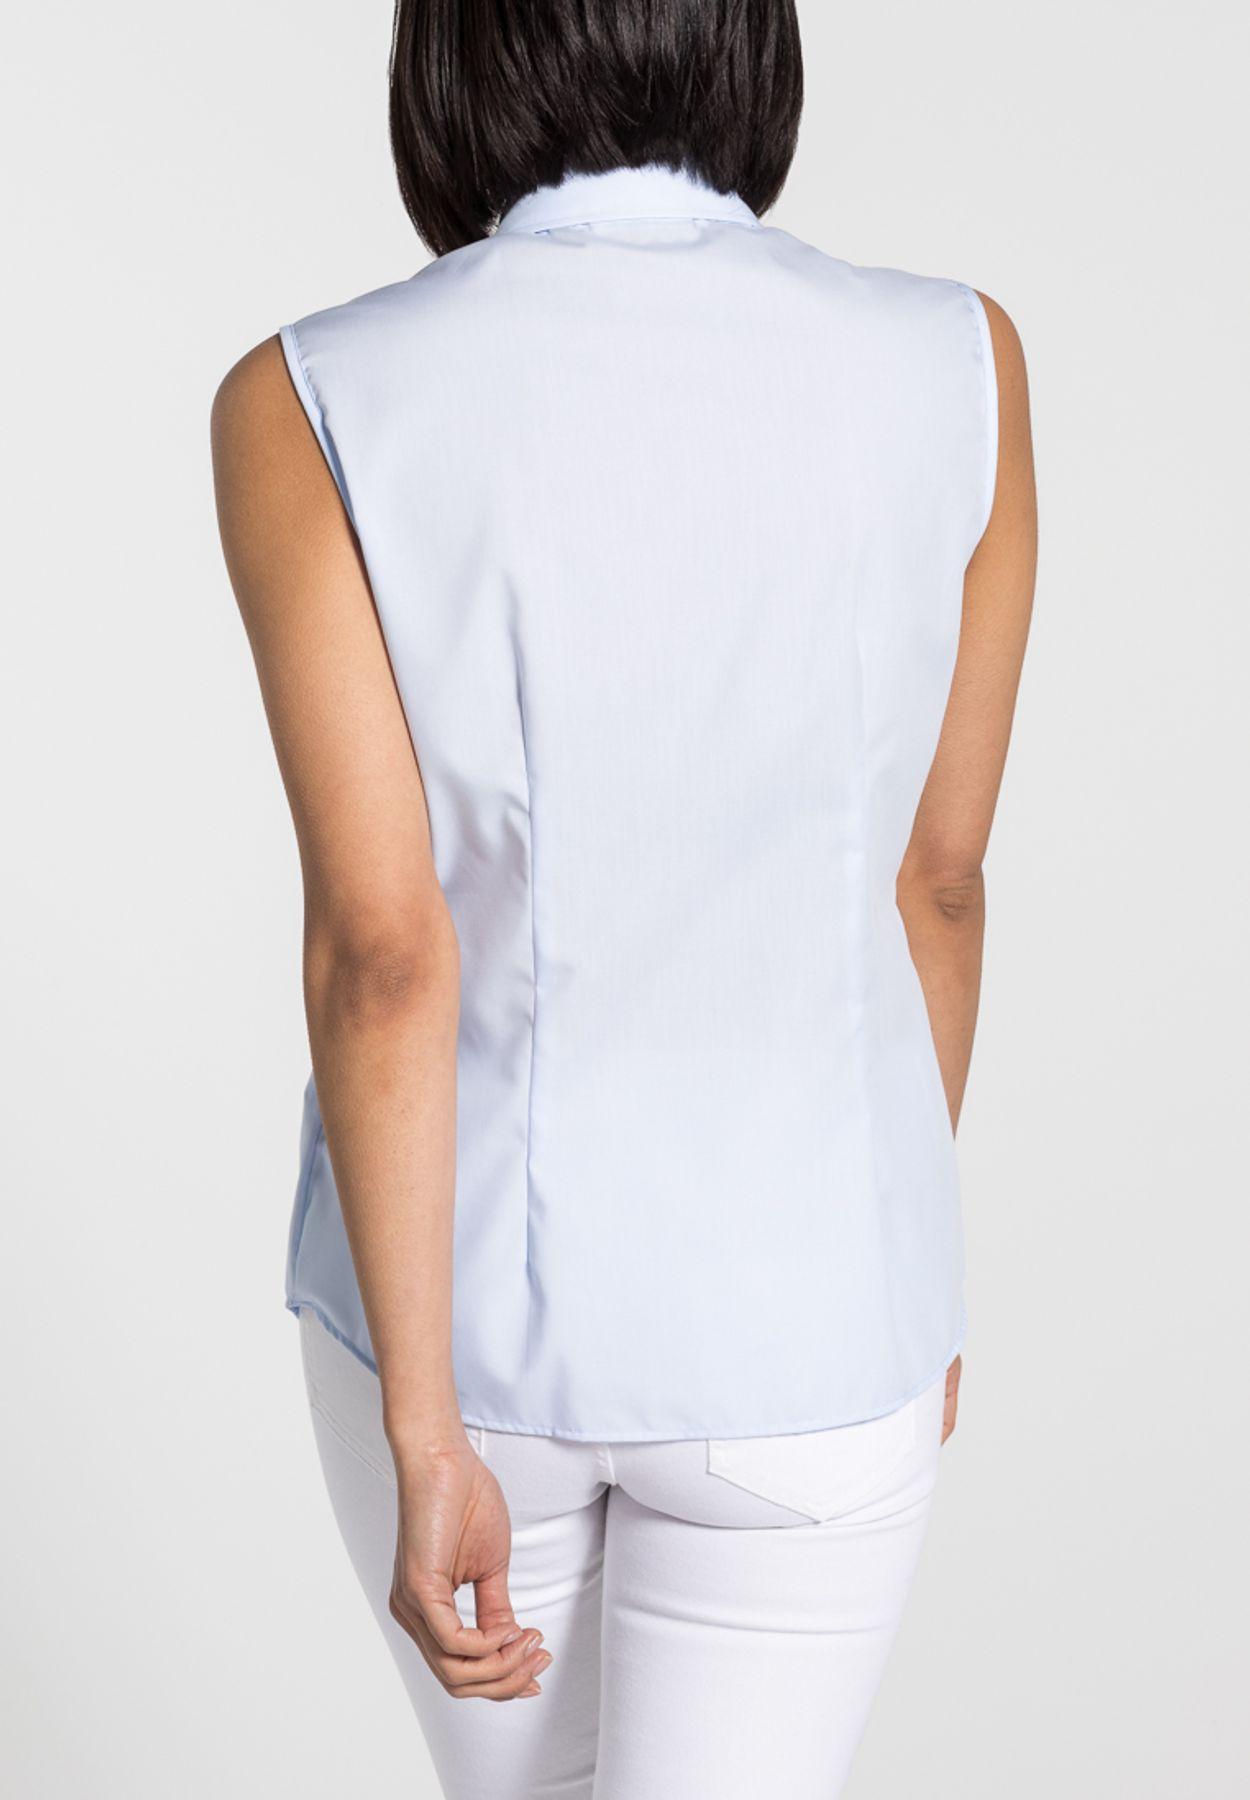 Eterna -  Comfort-Fit - Bügelfreie Damen Bluse ohne Arm in Weiß, Hellblau oder Rosa (5220 A790) – Bild 3